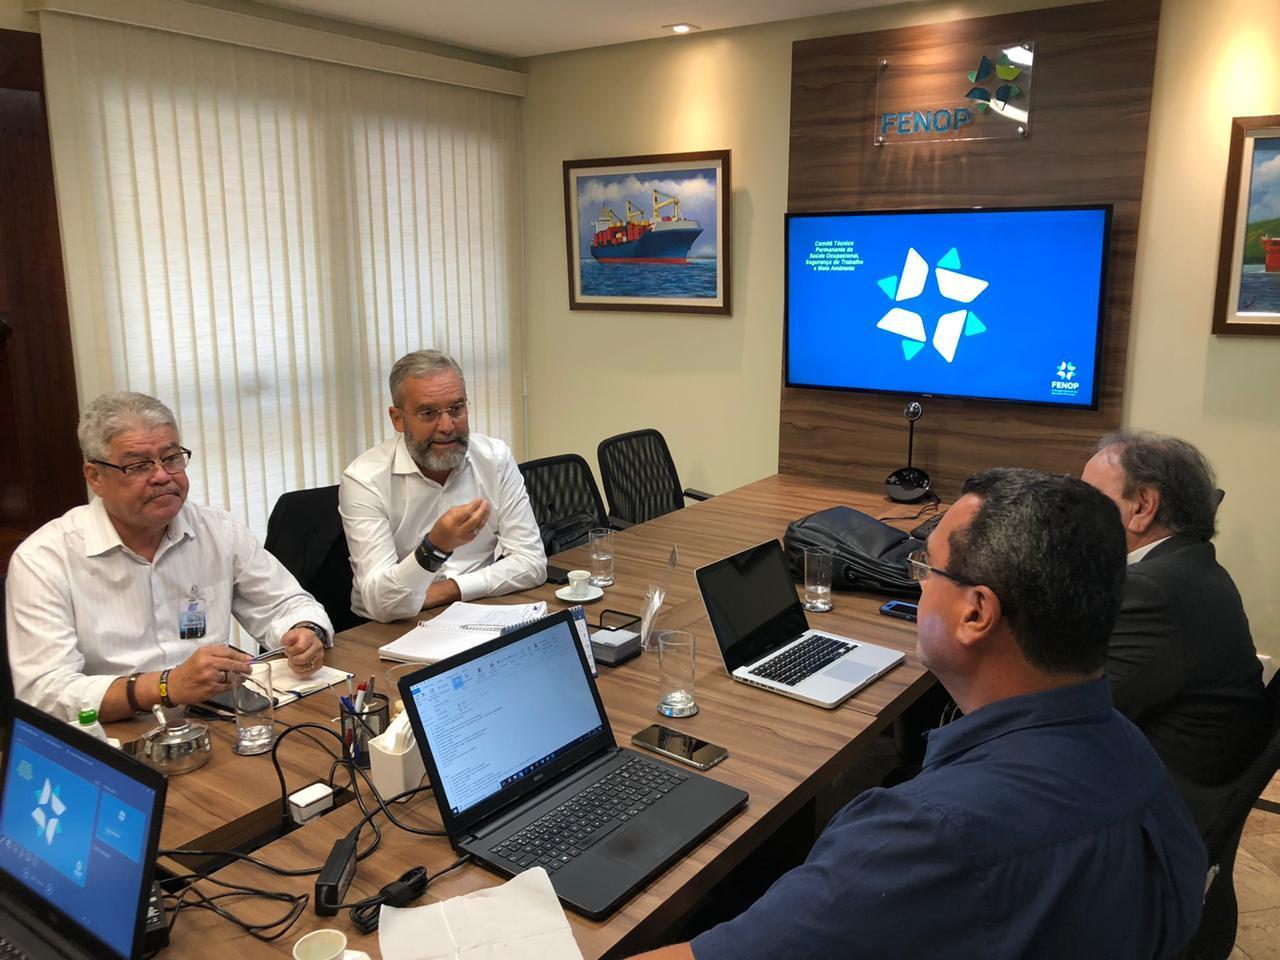 Fenop-realiza-reunião-Bipartite-para-discussão-da-revisão-da-Norma-Regulamentadora-29-2